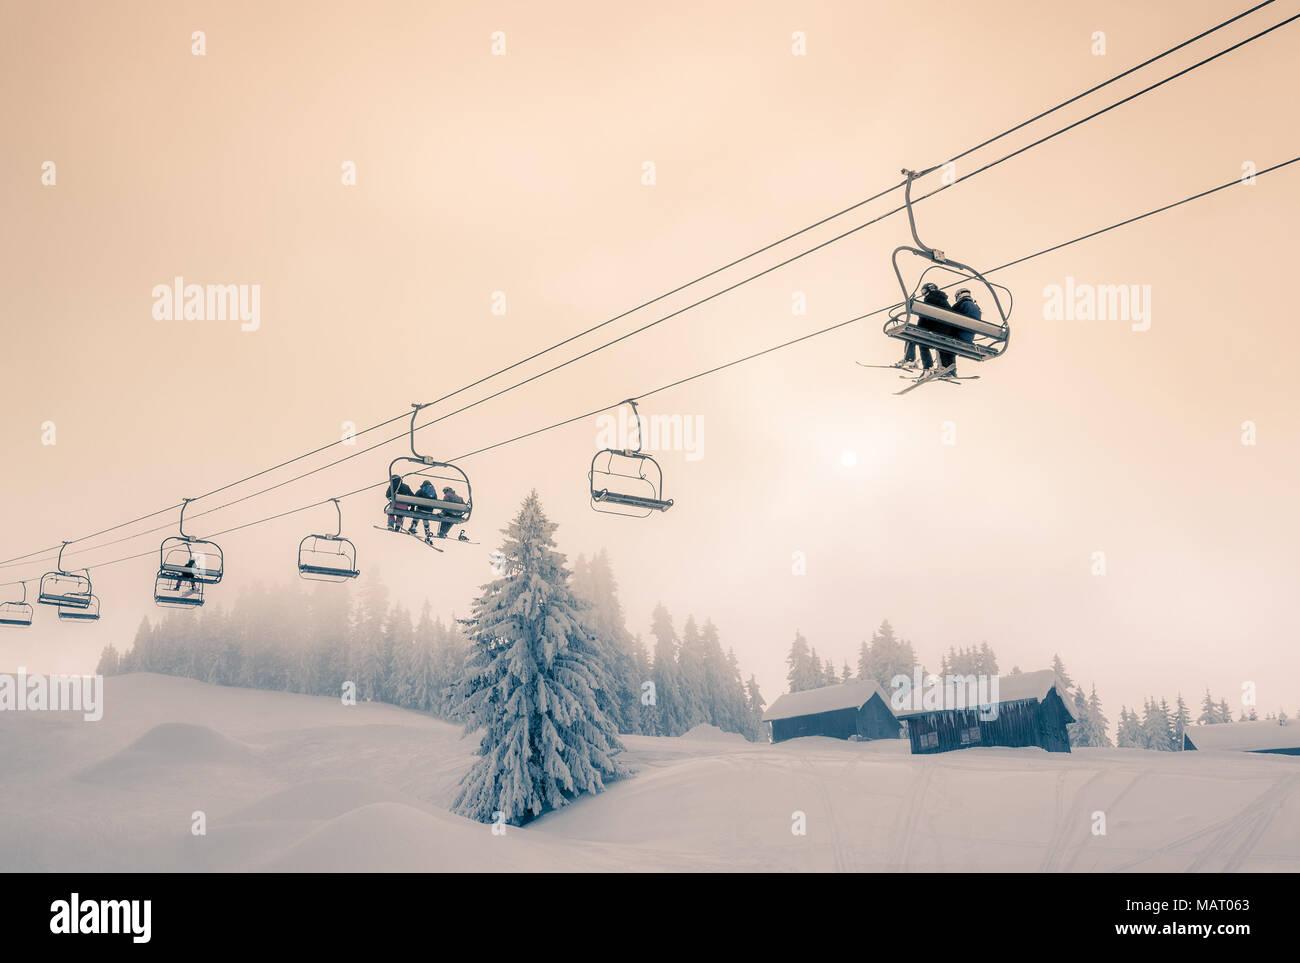 Skifahrer und Snowboarder unterwegs auf einem Sessellift in Morzine Skigebiet in Frankreich. Split getönten Farben Behandlung. Stockbild